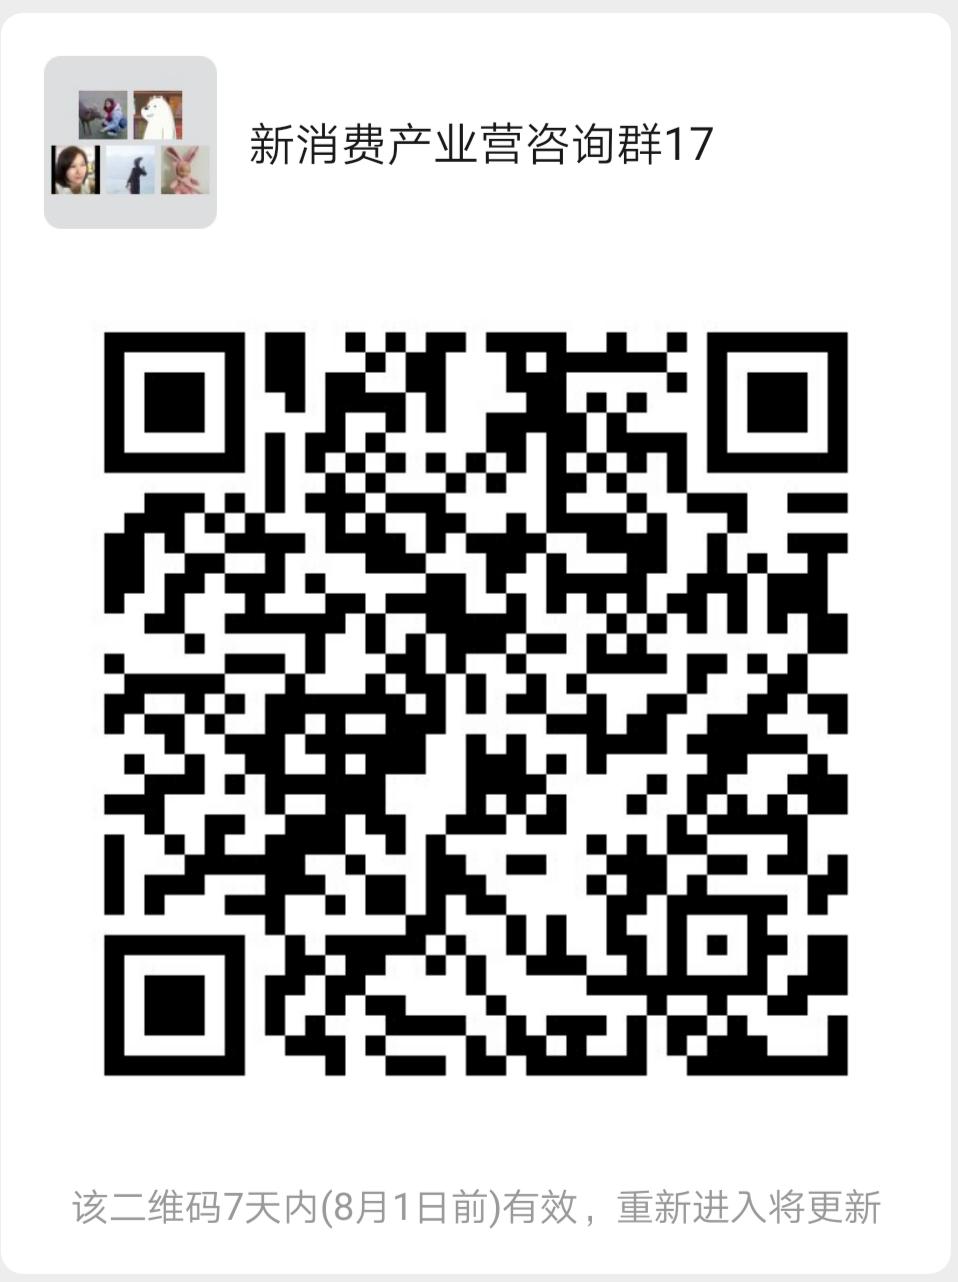 微信图片_20190725100450.png